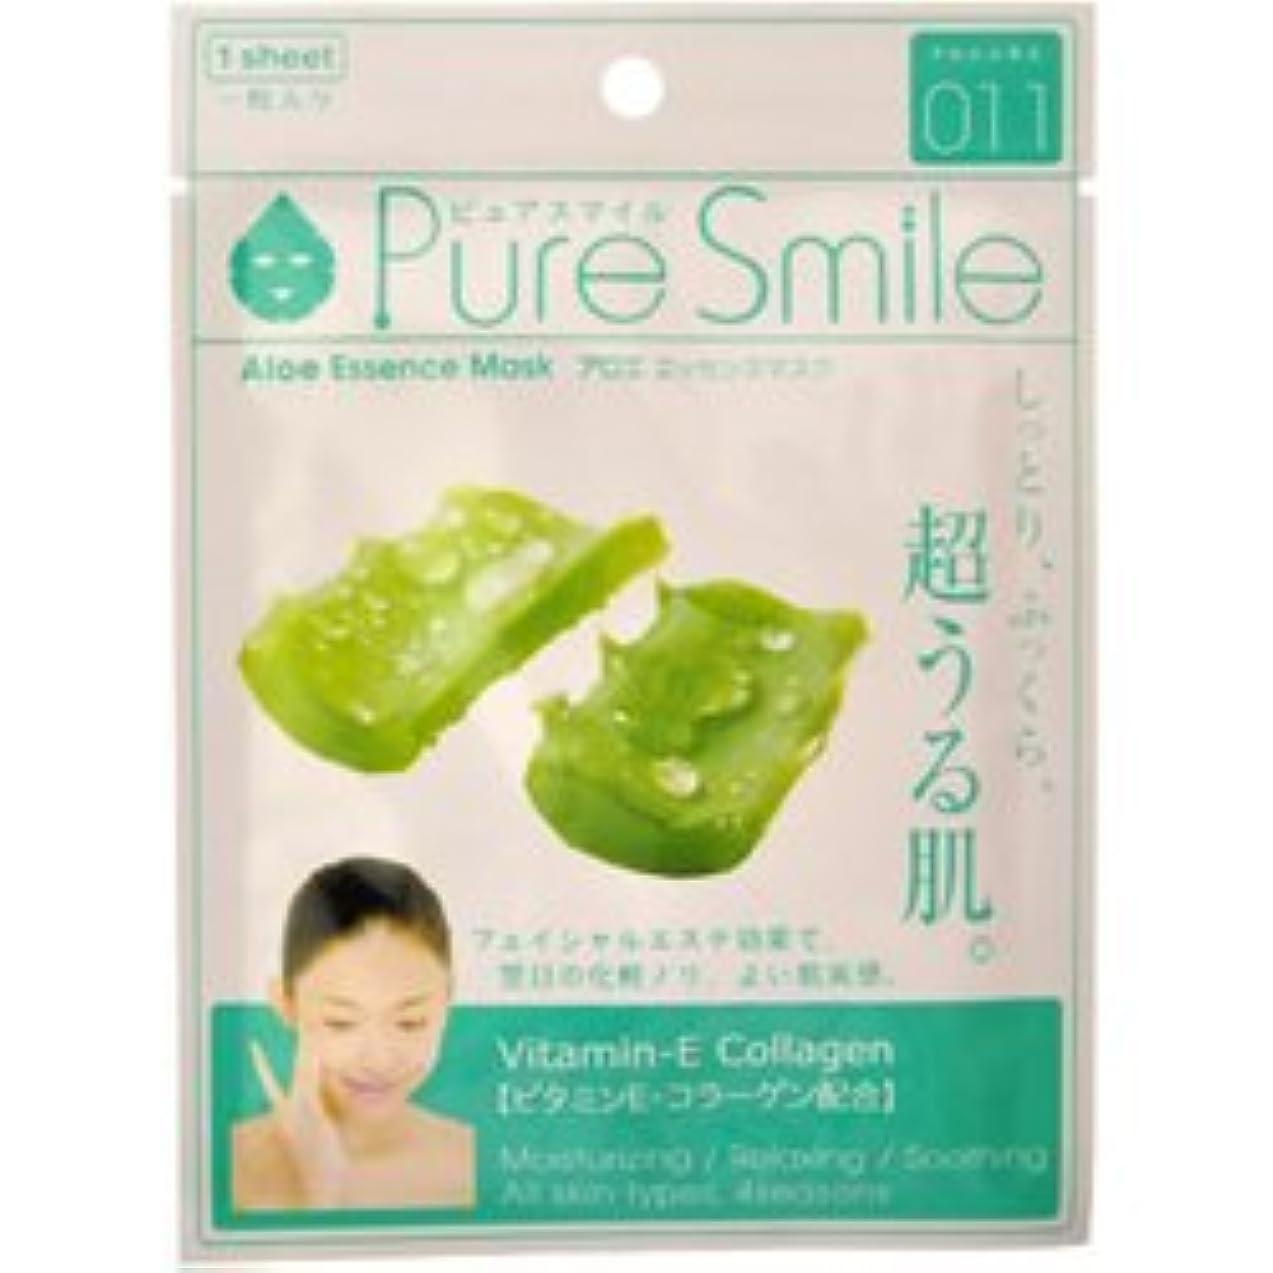 【サンスマイル】エッセンスマスク アロエ 1枚 ×3個セット